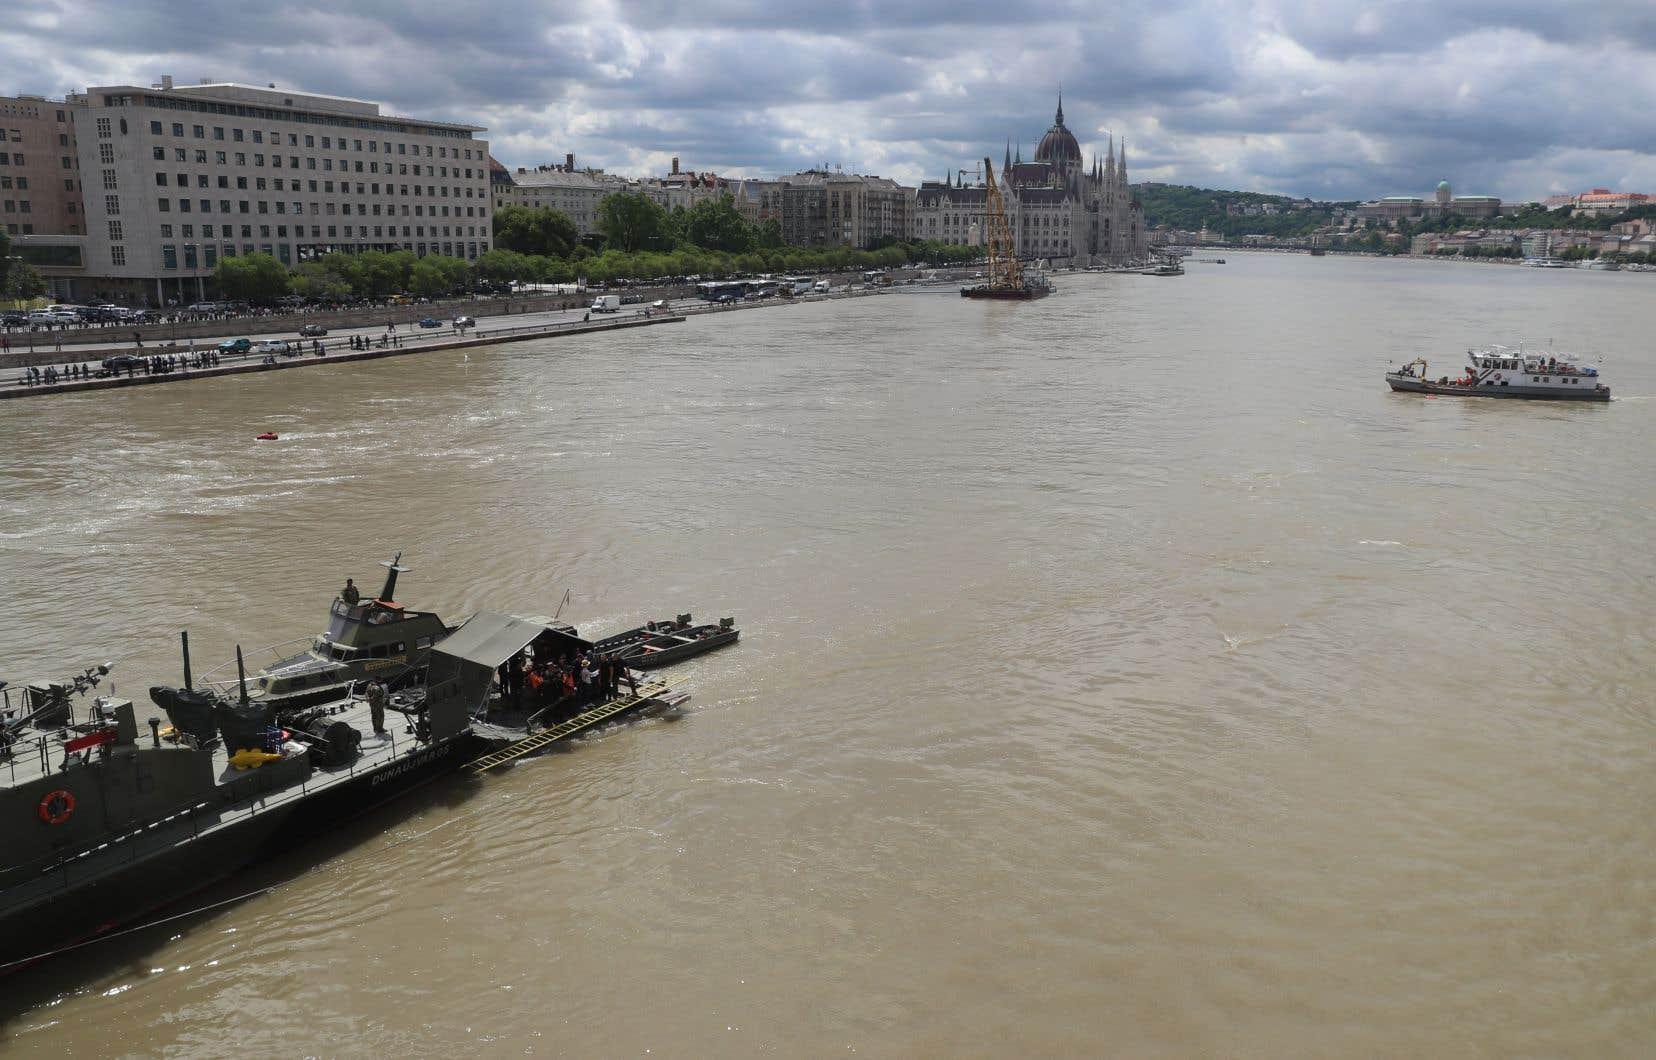 Les secouristes estiment probable que la majorité, voire tous les corps manquants se trouvent à l'intérieur de l'épave, la quasi-totalité des passagers s'étant trouvés à l'intérieur du bateau lors du naufrage, survenu par temps de pluie.